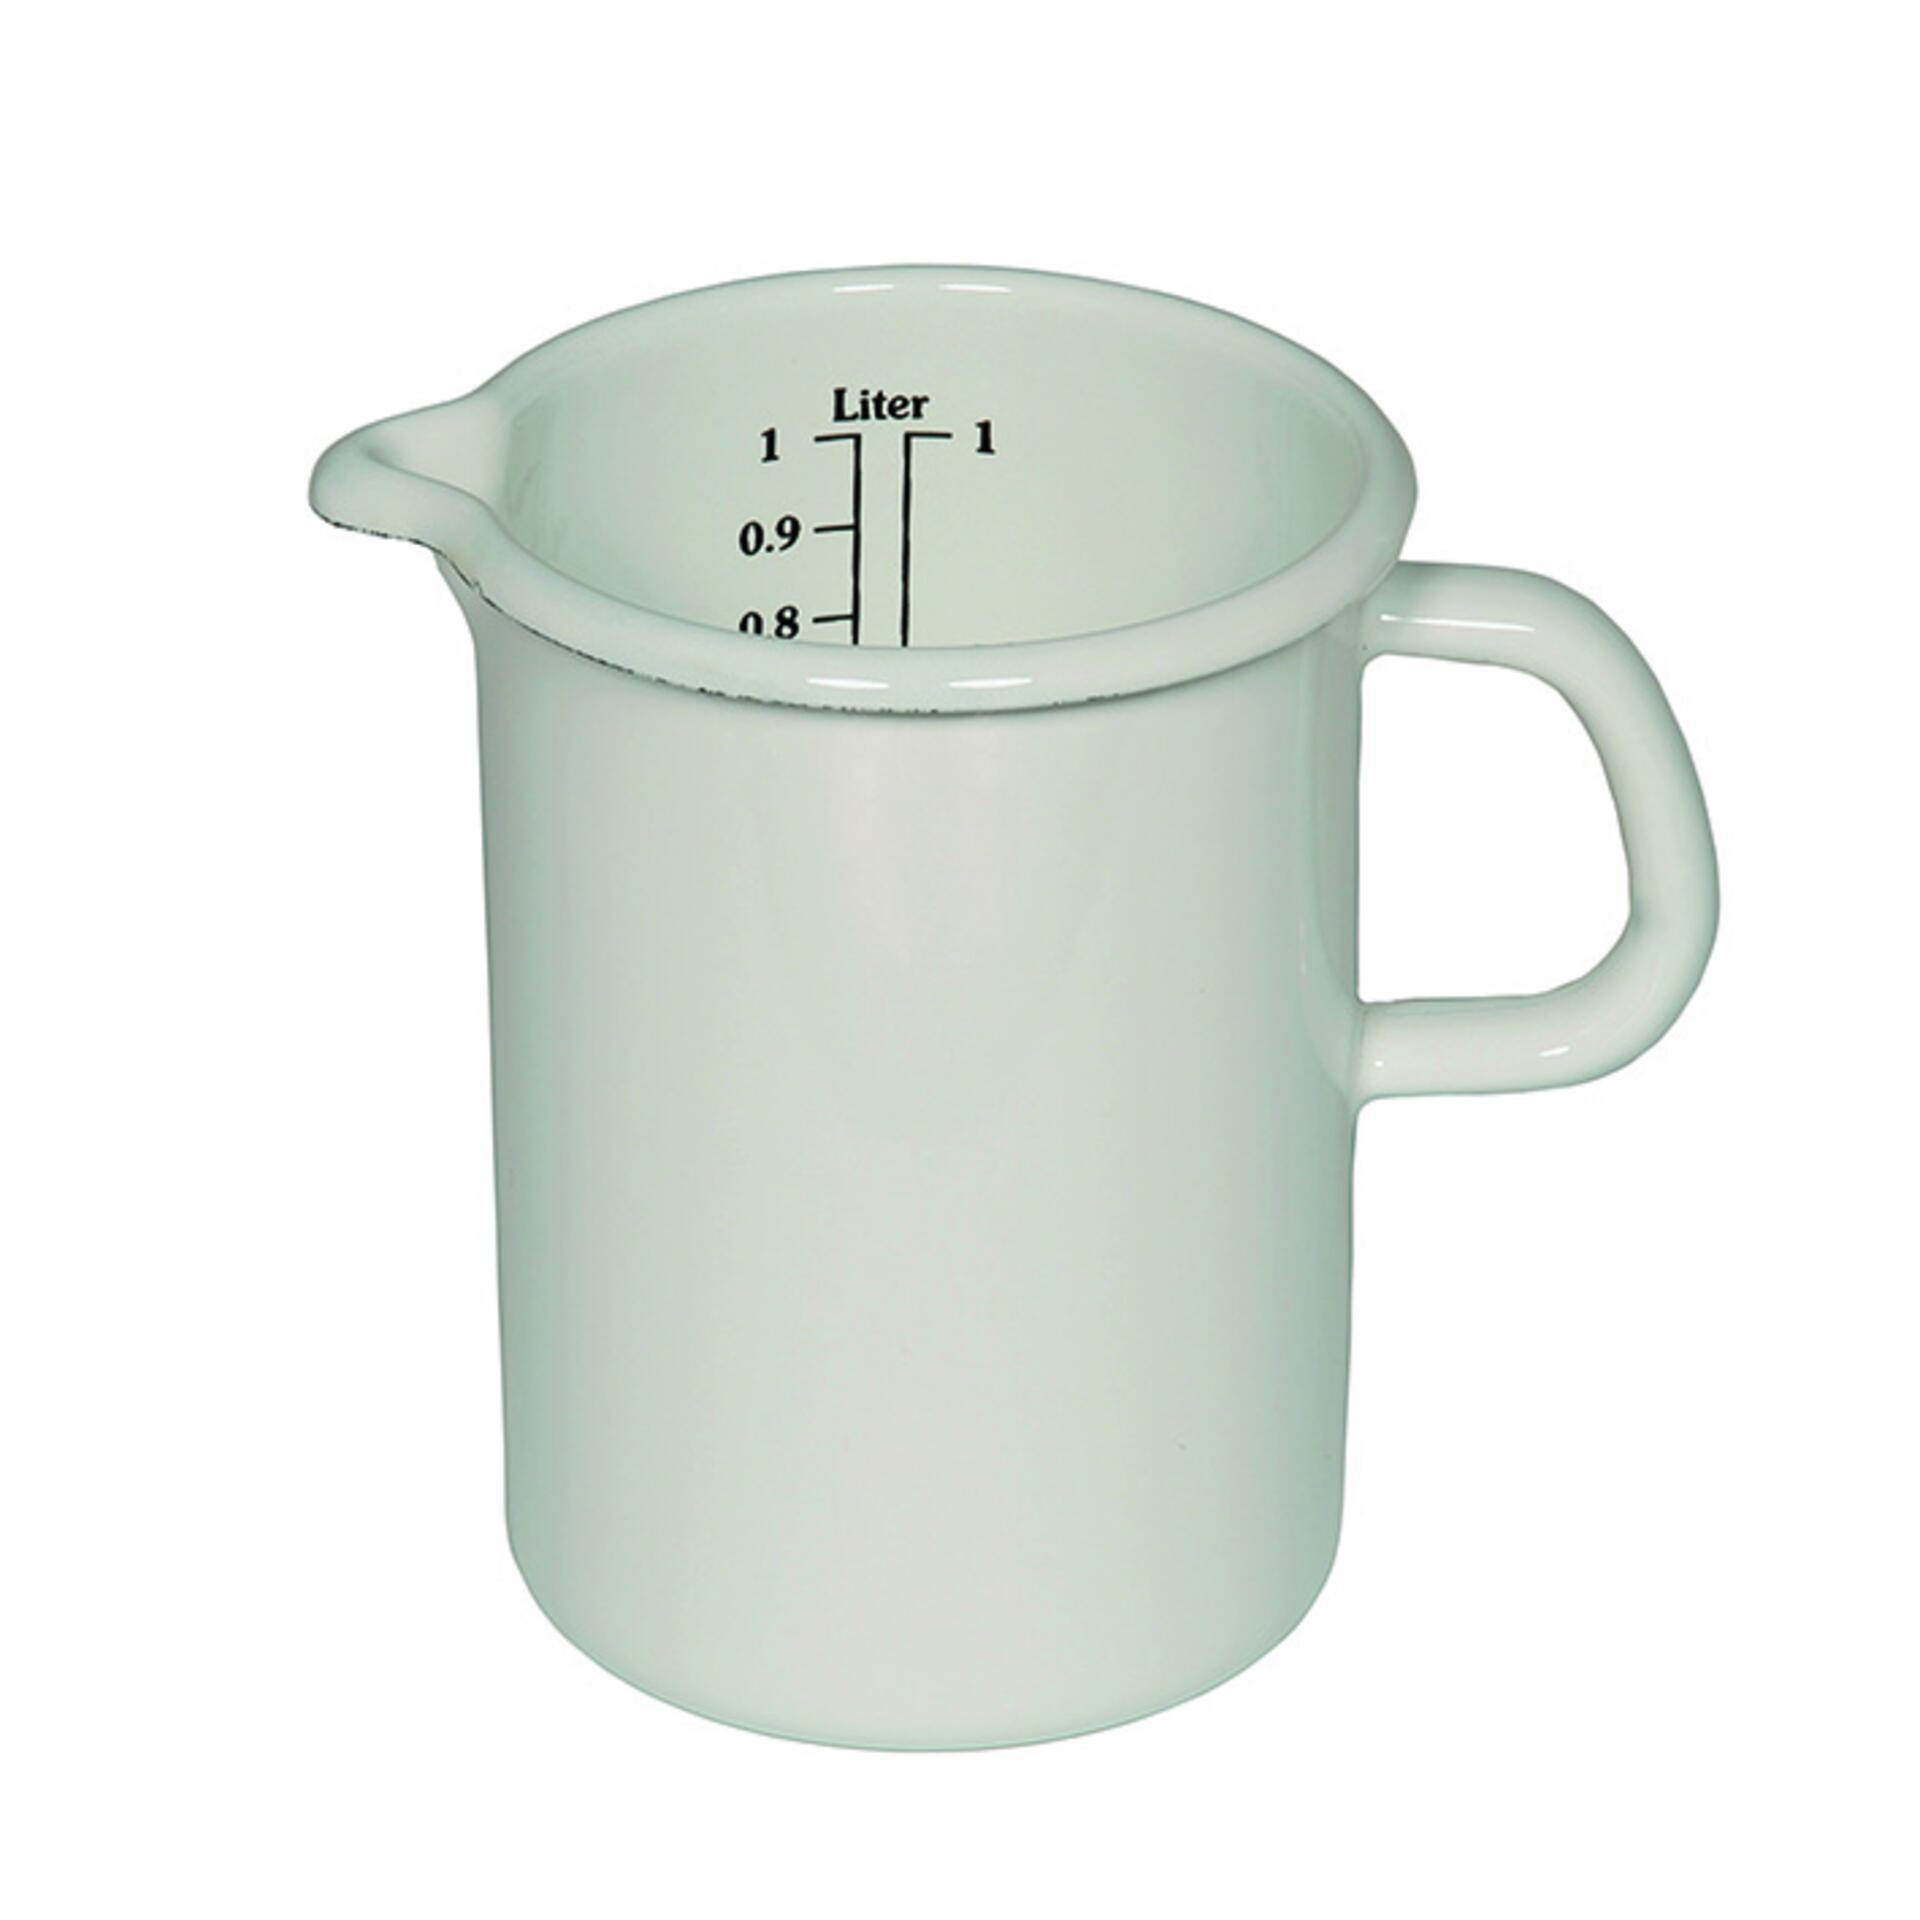 Riess Küchenmass 0,5 l Weiß